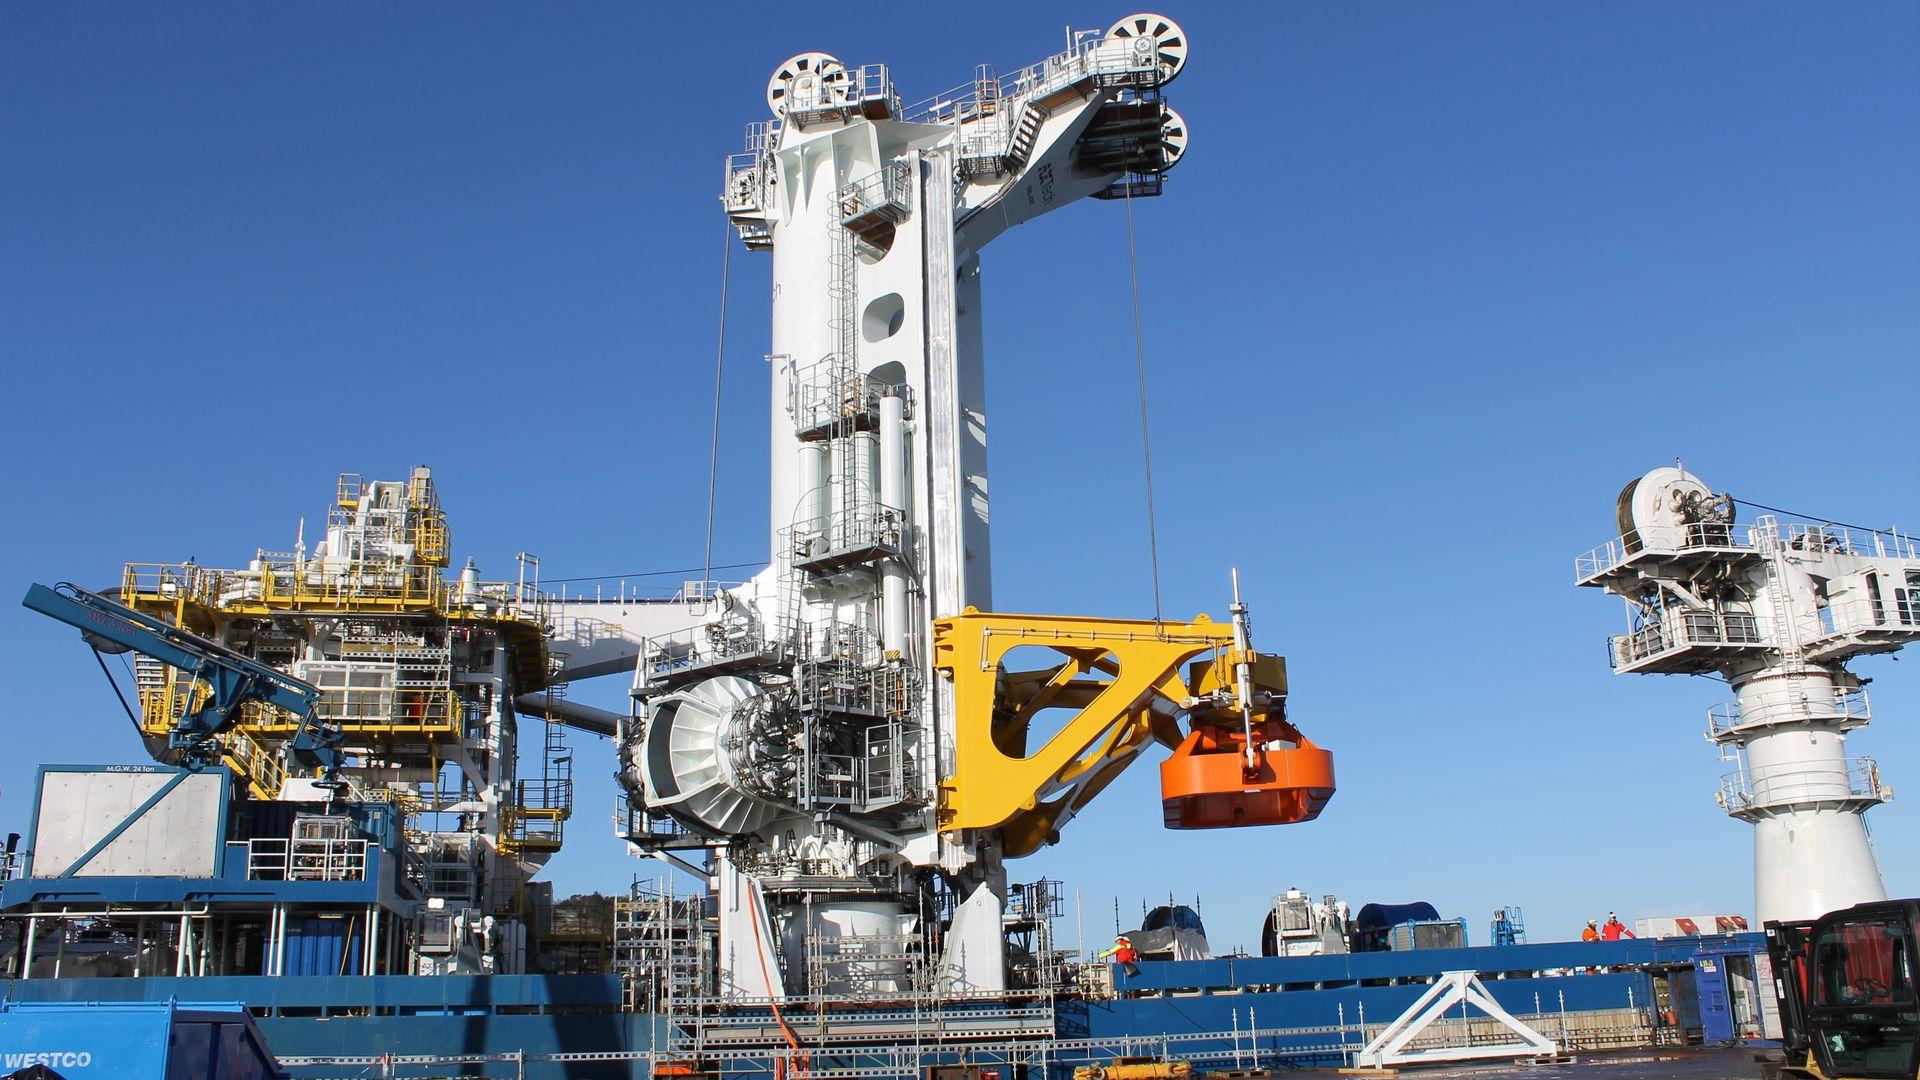 Det spesialbygde løftetårnet på konstruksjonsskipet North Sea Giant bruker sekundærregulert motor, som uslåelig når det kommer til presisjon og effektivitet.